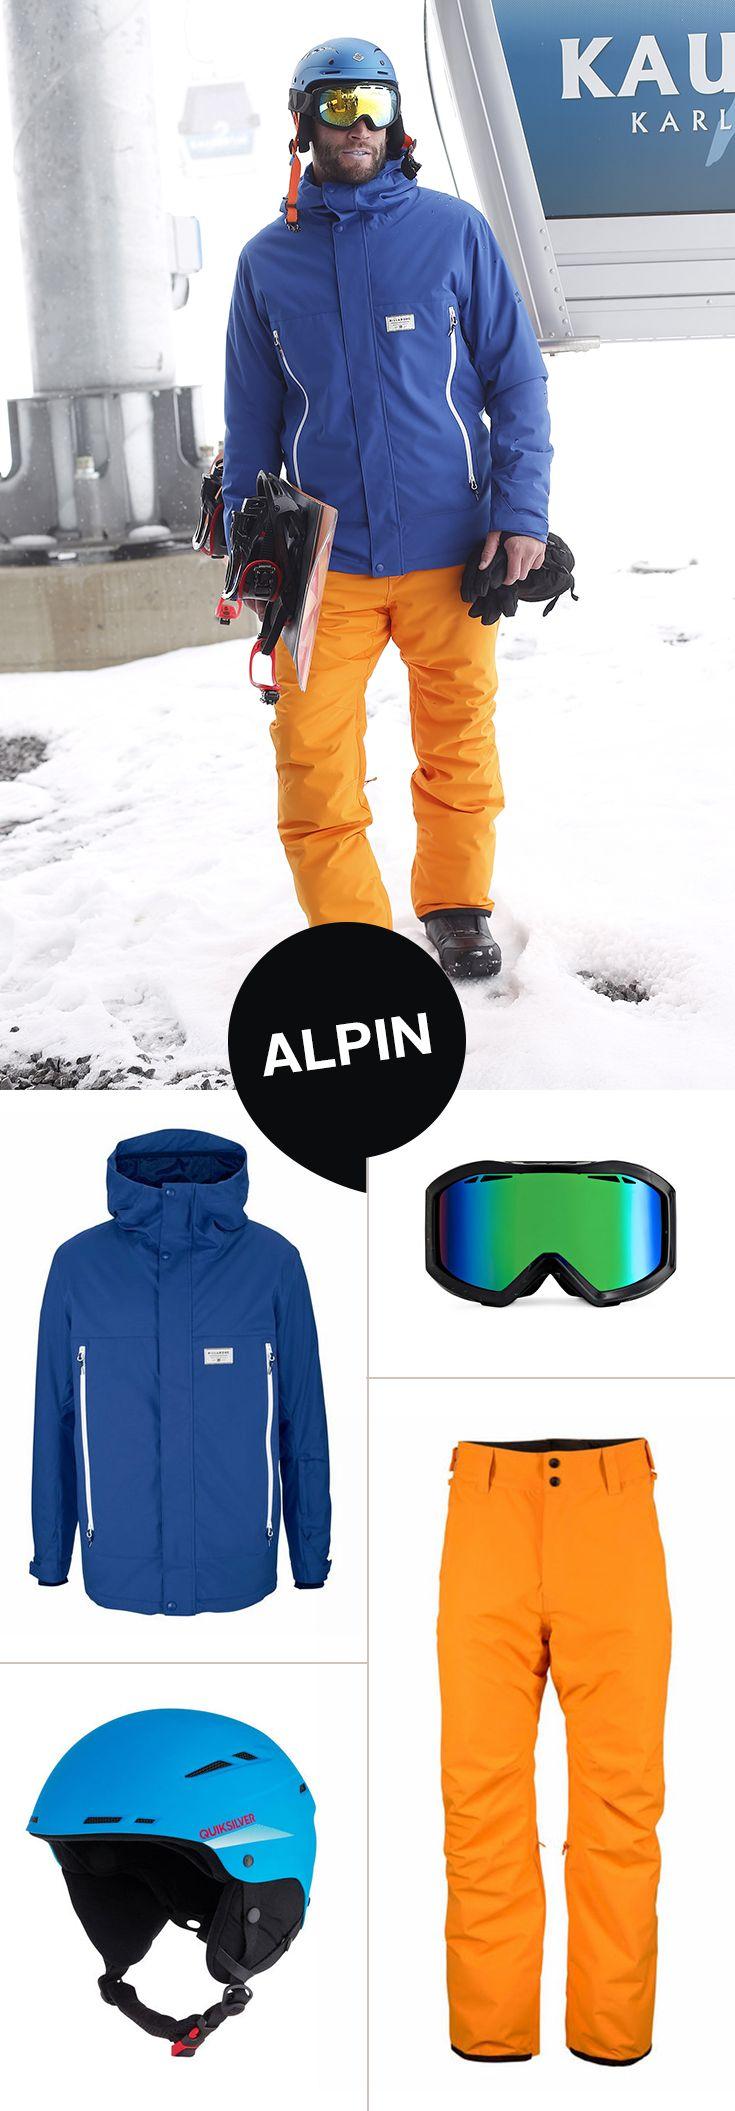 Ob sportlich ambitioniert oder ganz gemütlich am Hang – mit diesem Outfit bist du für deinen Skiurlaub optimal ausgerüstet: Jacke und Skihose halten dich schön warm und beweglich, der Helm und die Goggle schützen den Kopf und die Augen.